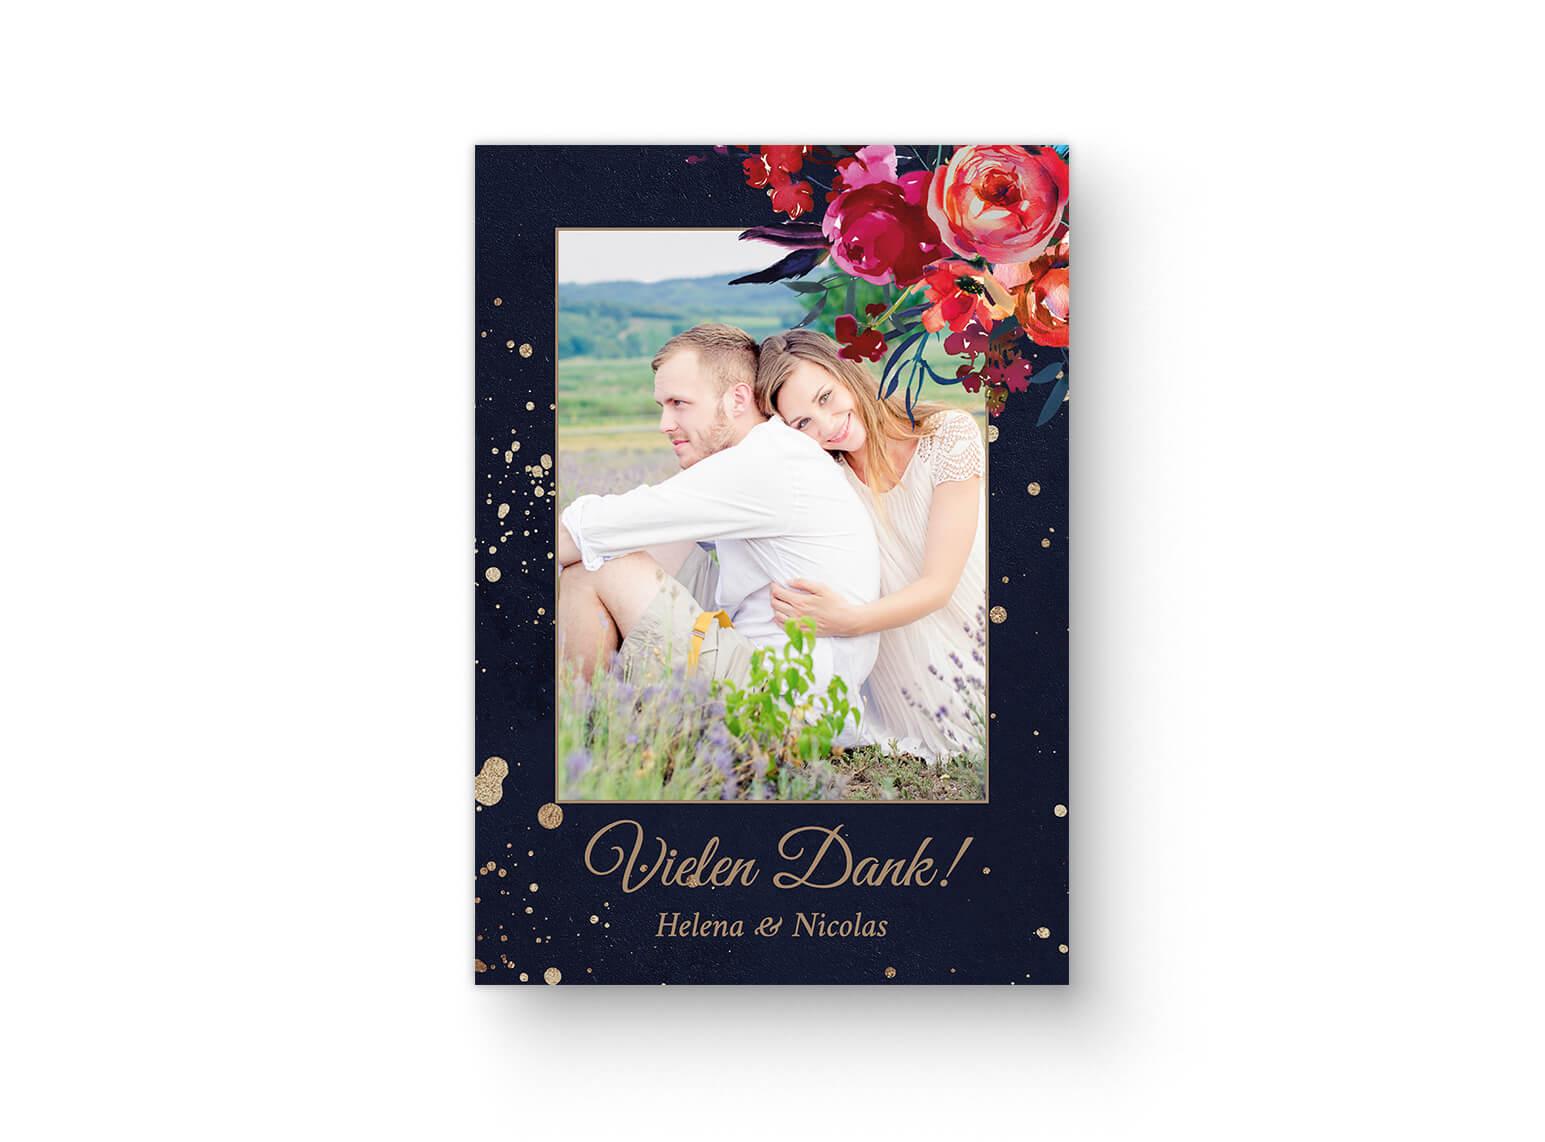 Schicke Dankeskarte Boho Hochzeit mit Fotos